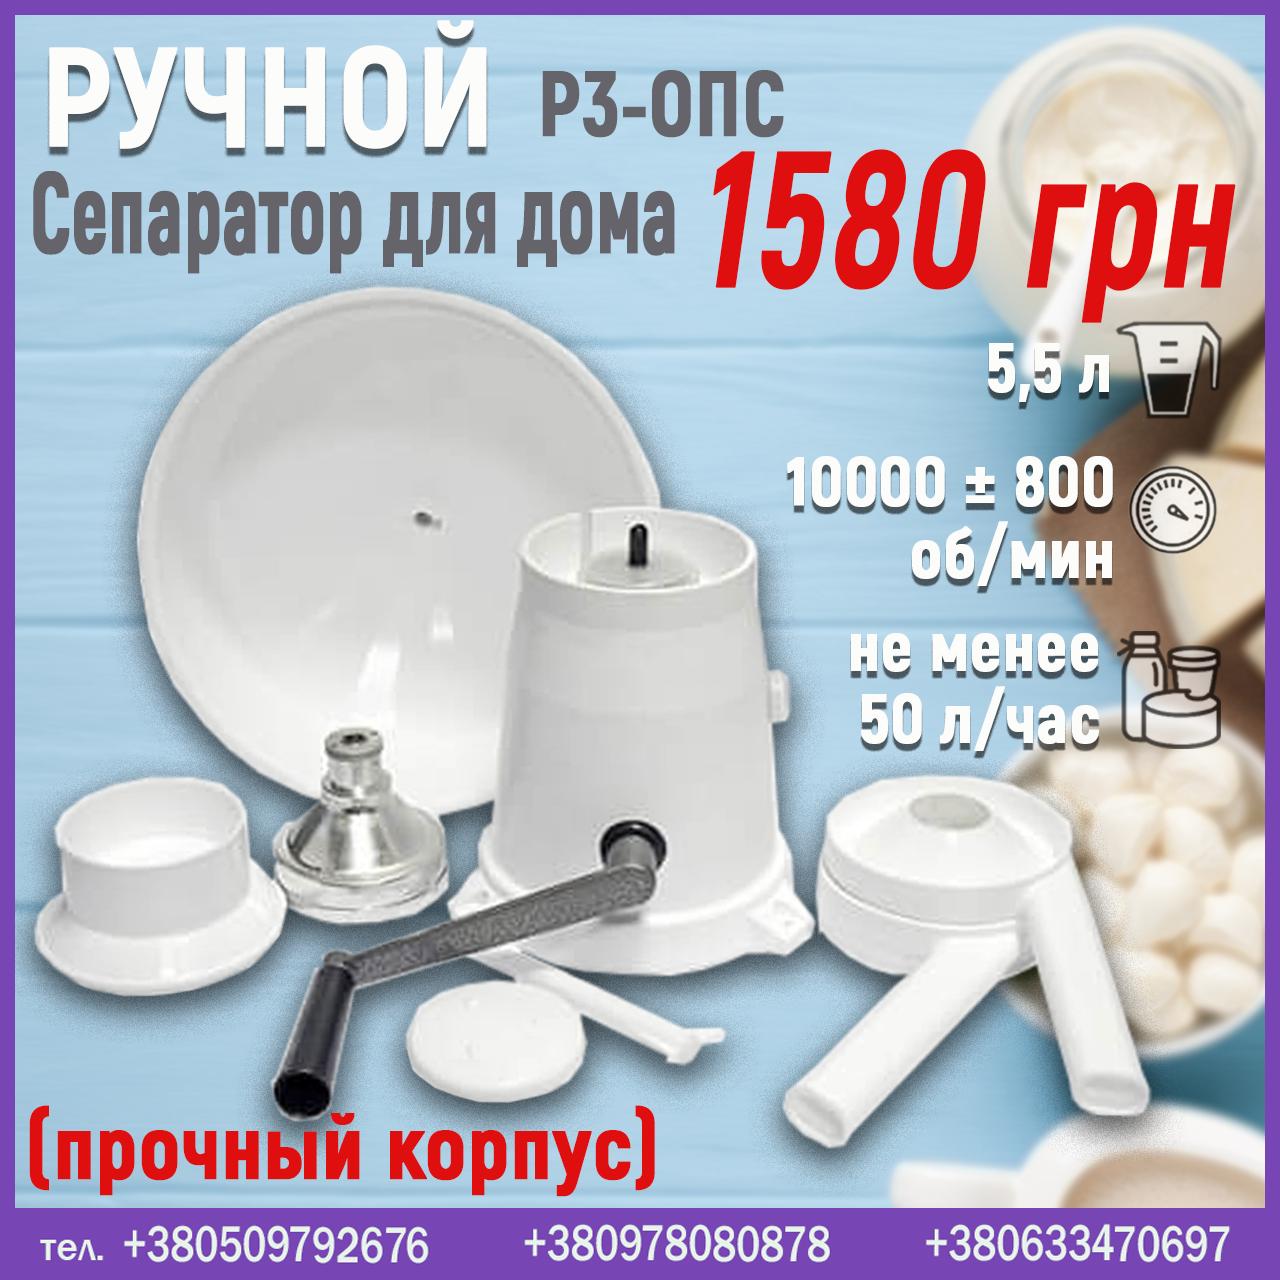 Сепаратор для будинку ручної Р3-ОПВ